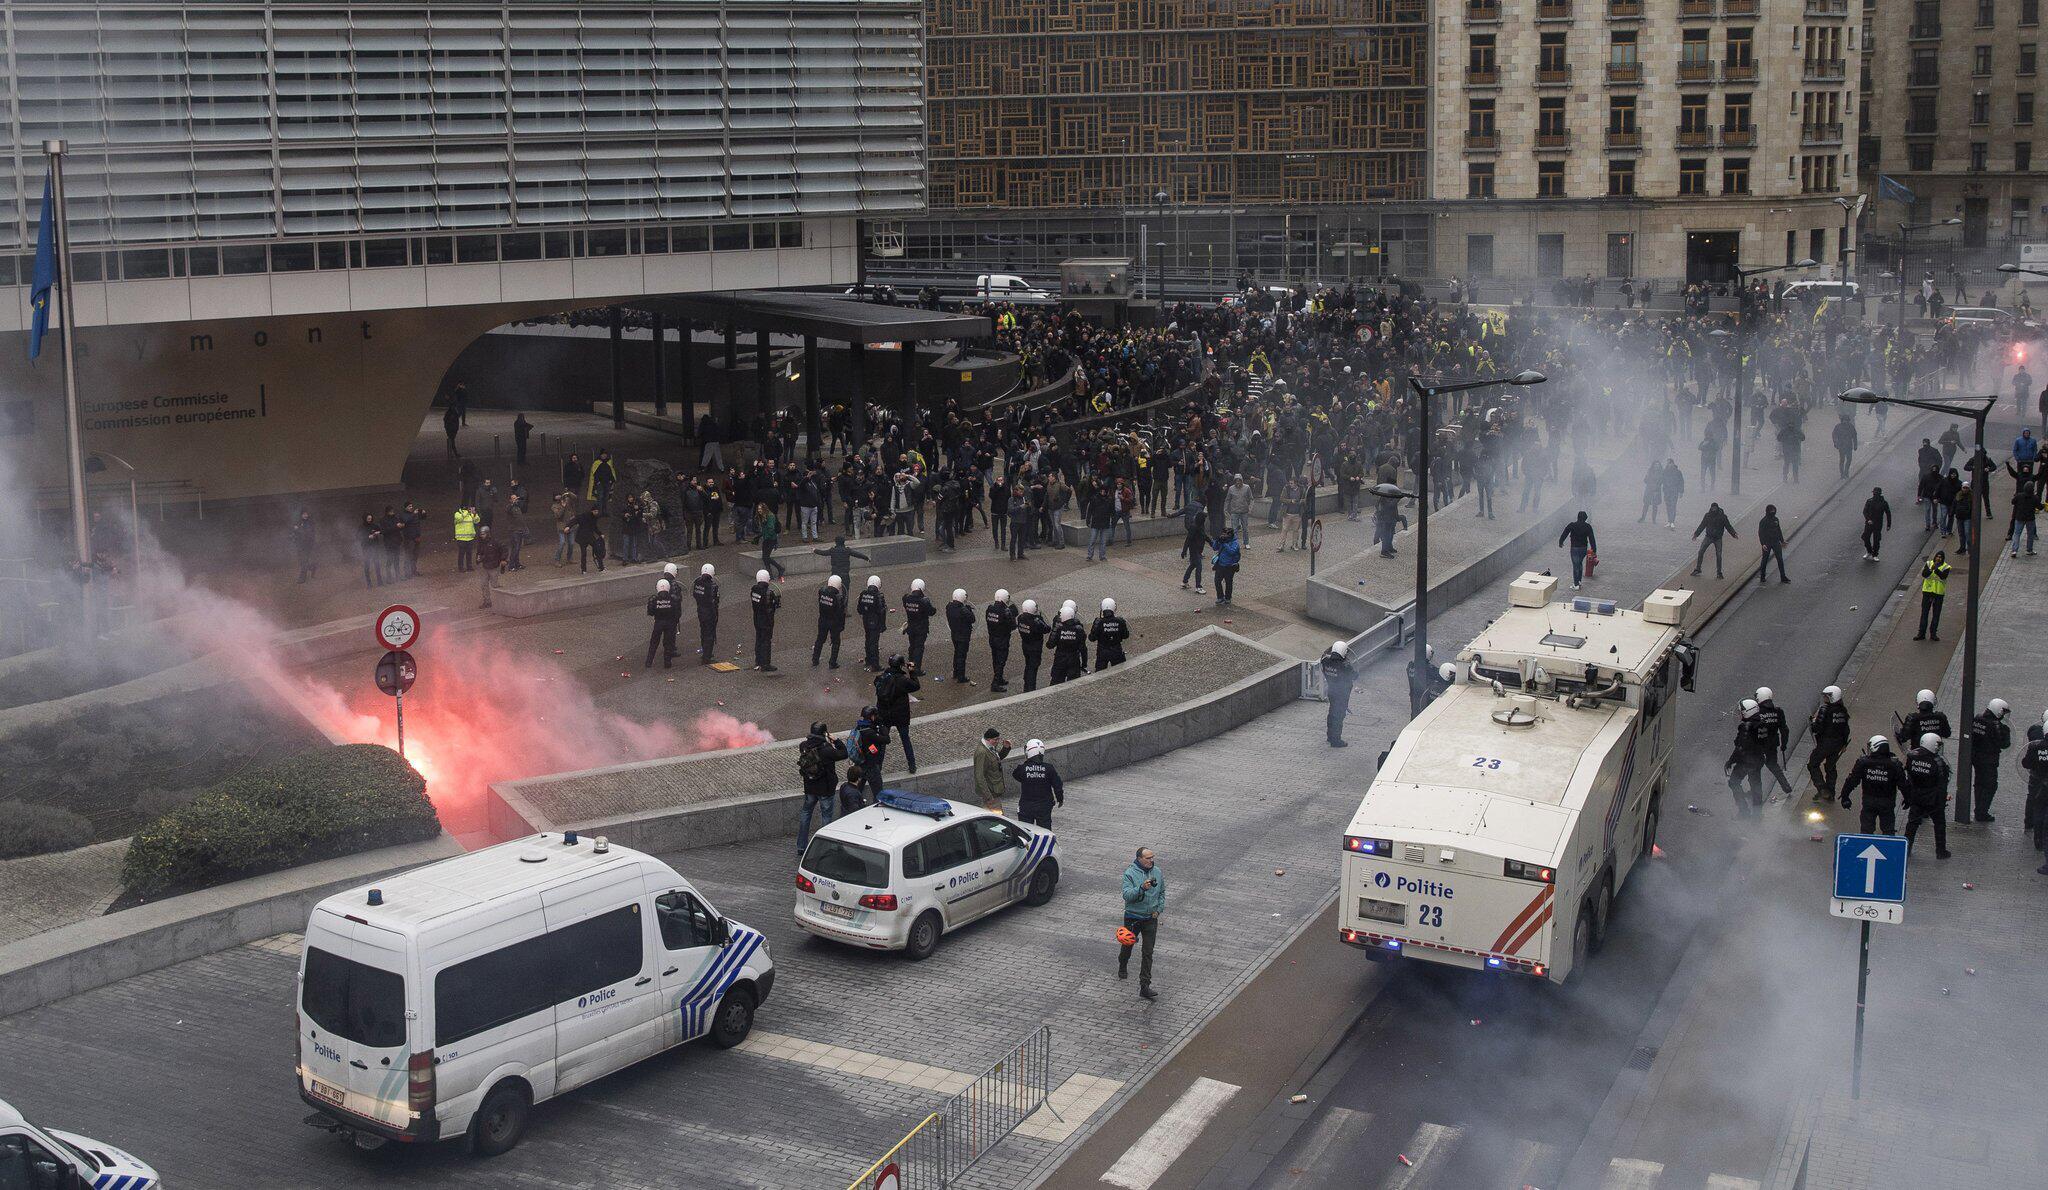 Bild zu Gewalt nach rechter Demonstration in Brüssel